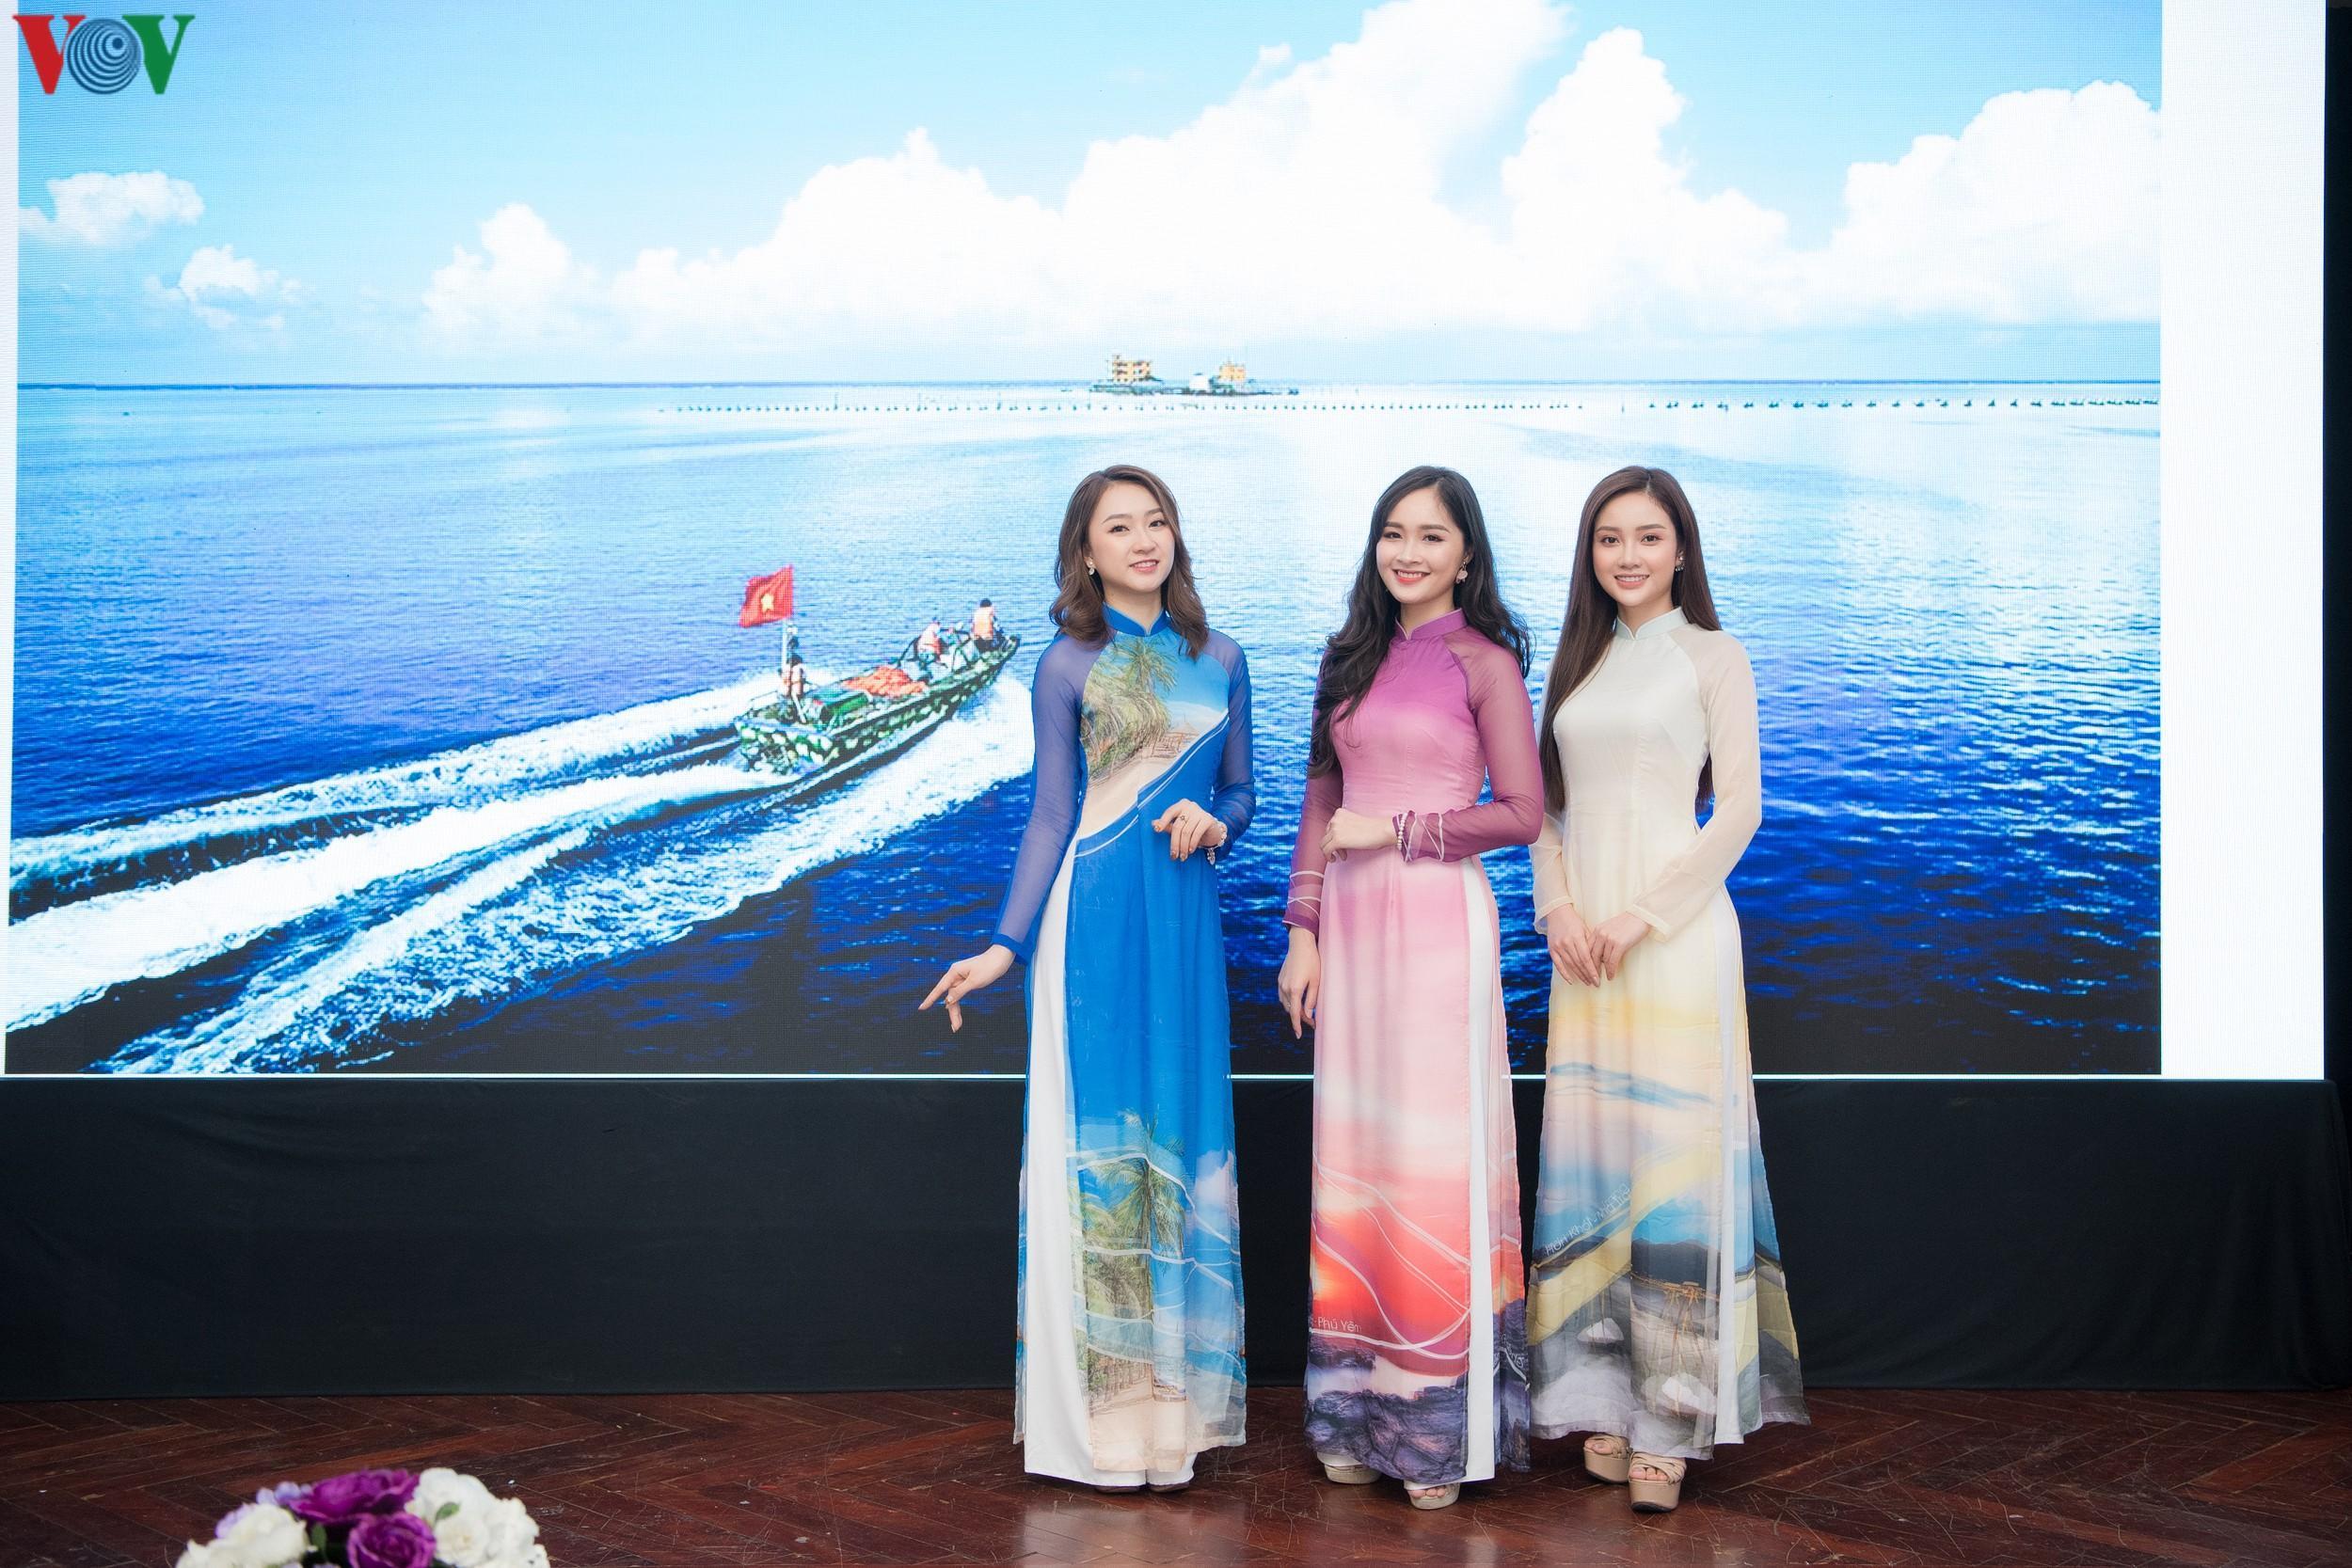 Hoa hậu Ngọc Hân, Đỗ Mỹ Linh đọ dáng với áo dài in hình biển đảo Ảnh 12